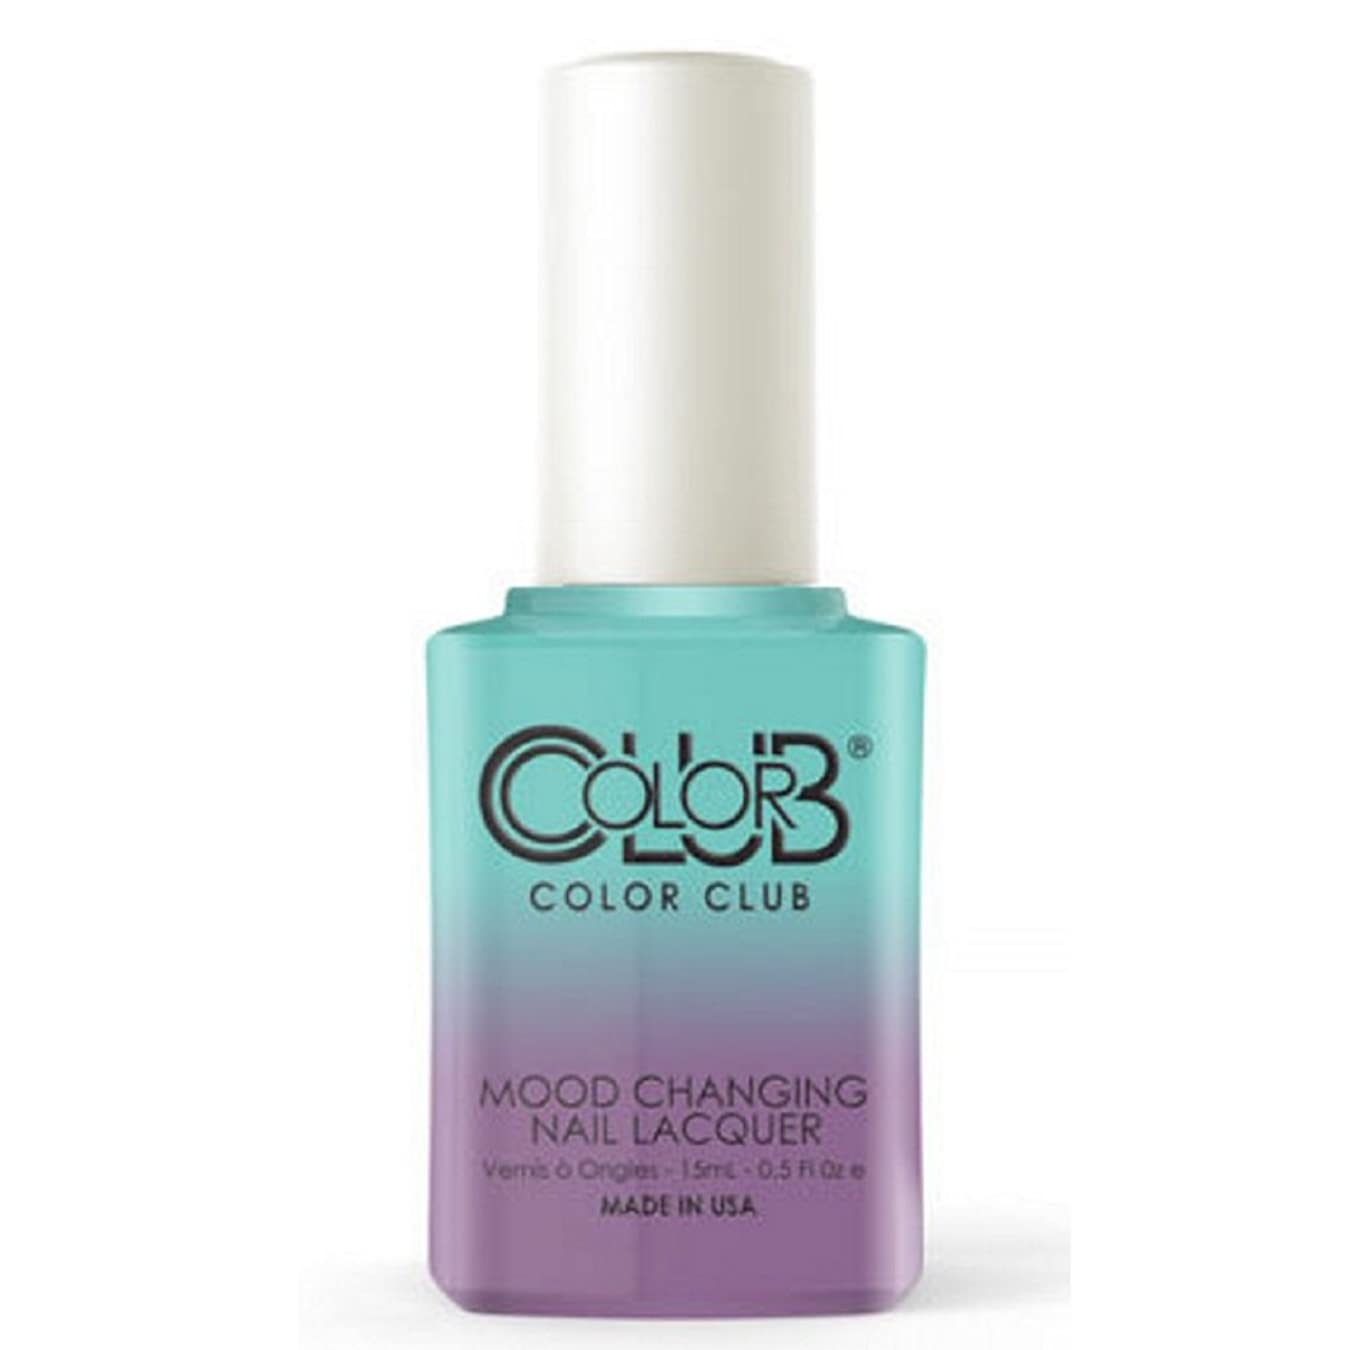 サンダル冷蔵庫誘惑Color Club Mood Changing Nail Lacquer - Serene Green - 15 mL / 0.5 fl oz